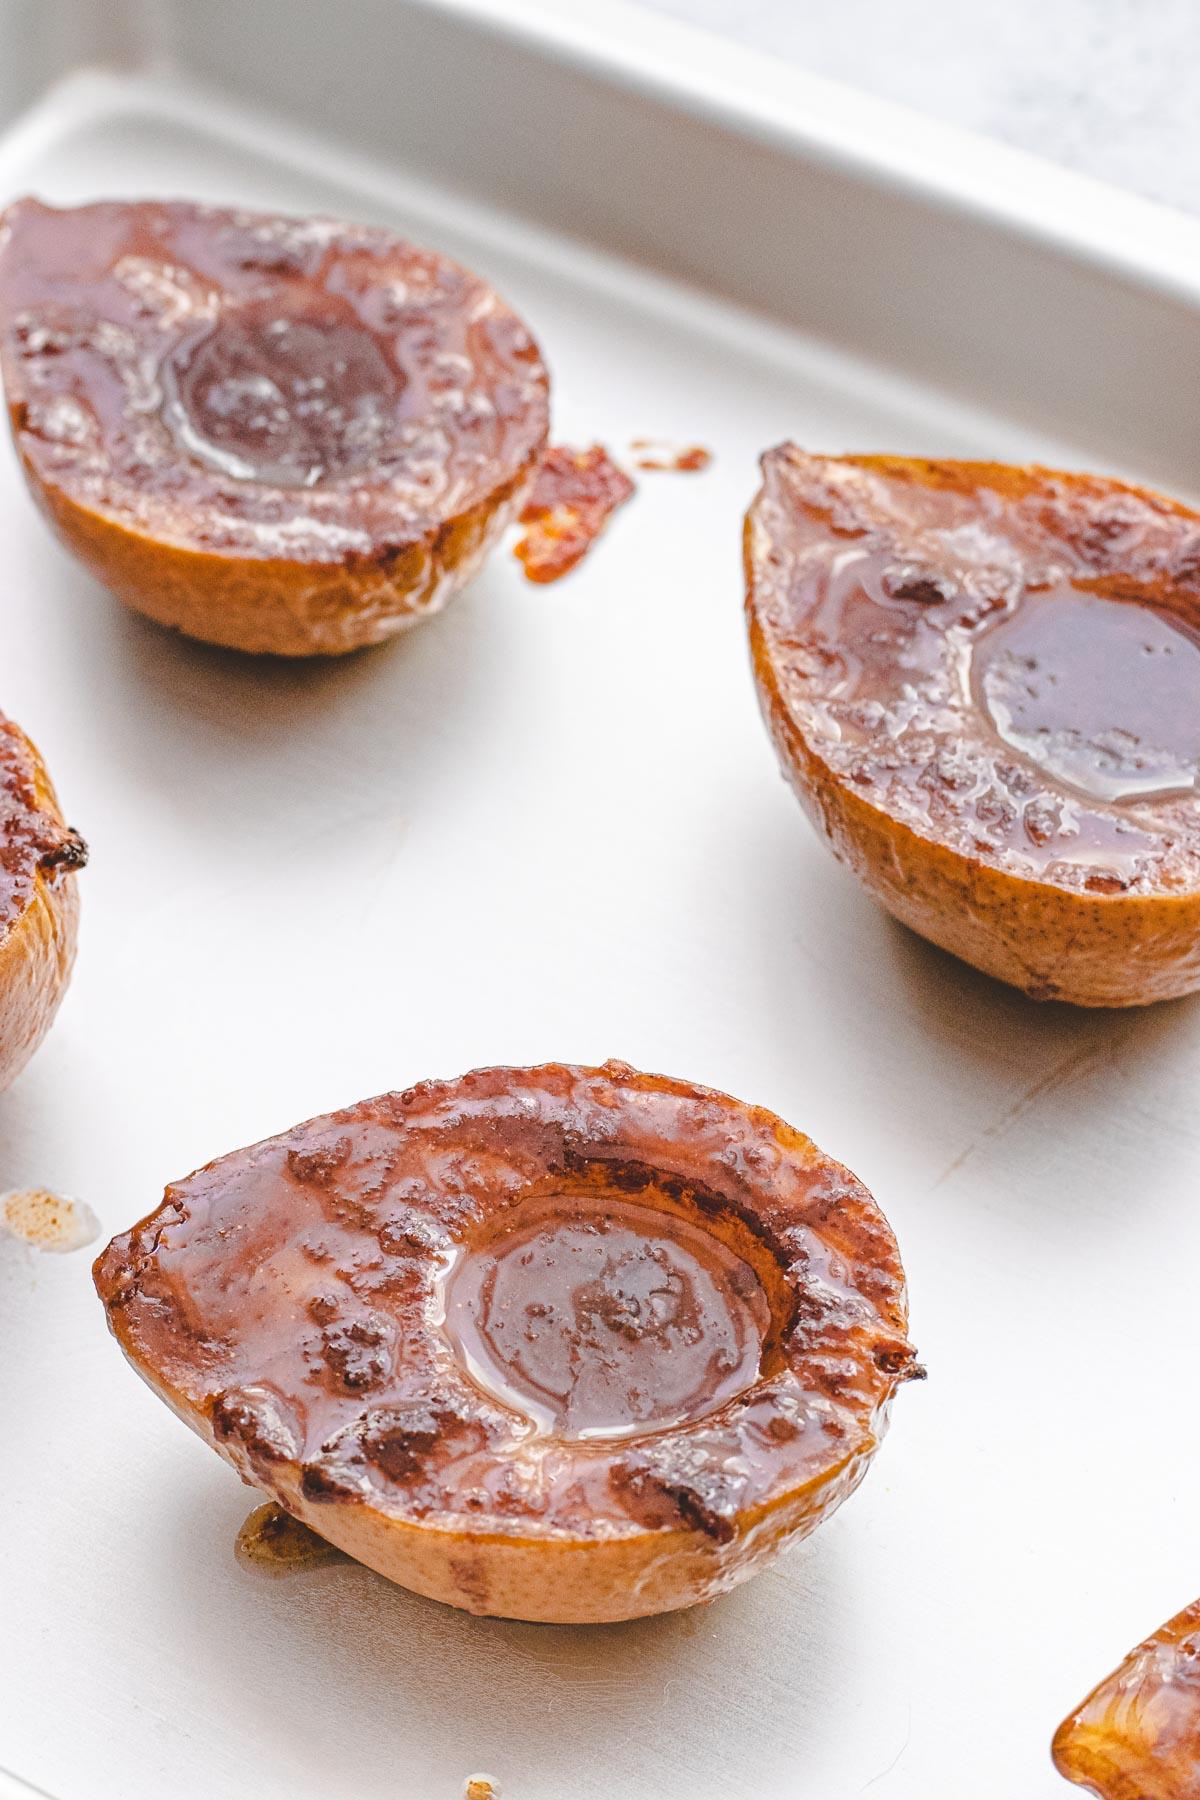 Baked Pears on baking sheet pan